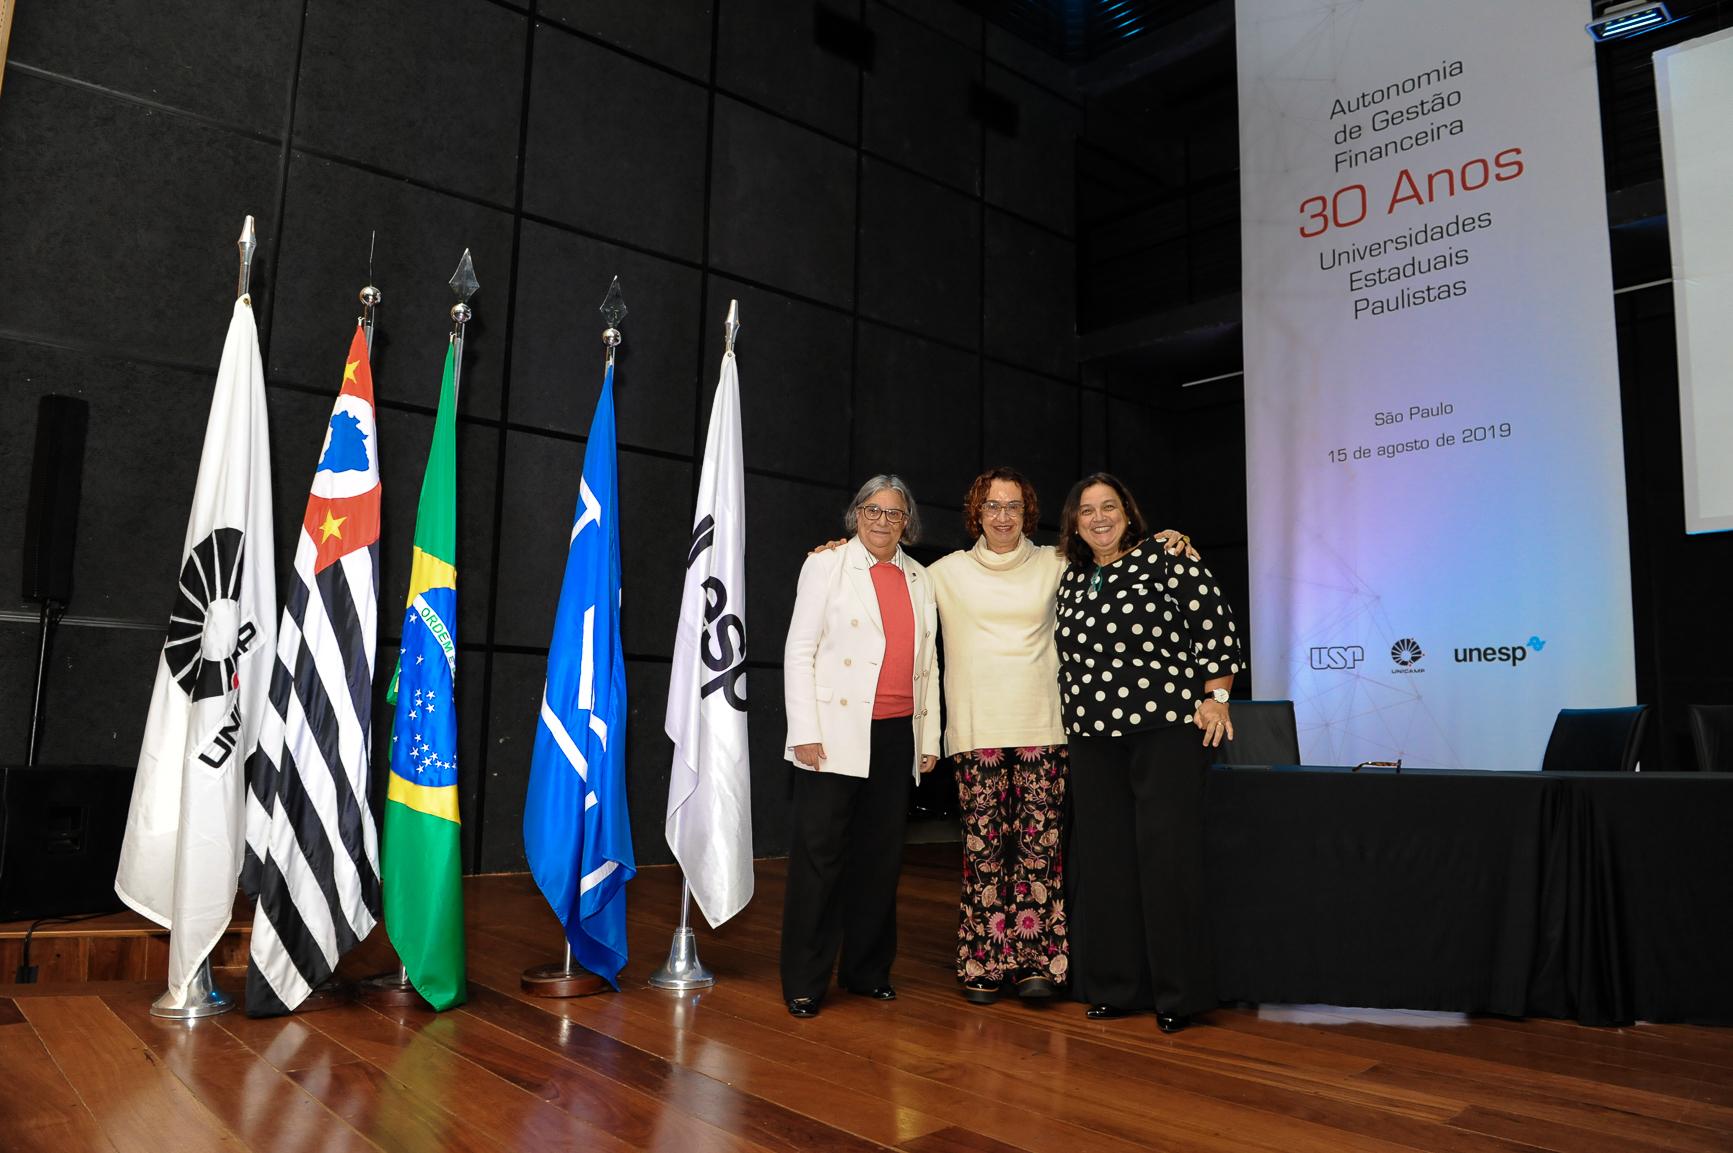 30 anos de Autonomia de Gestão Financeira das Universidades Estaduais Paulistas. Foto: Cecília Bastos/USP Imagem